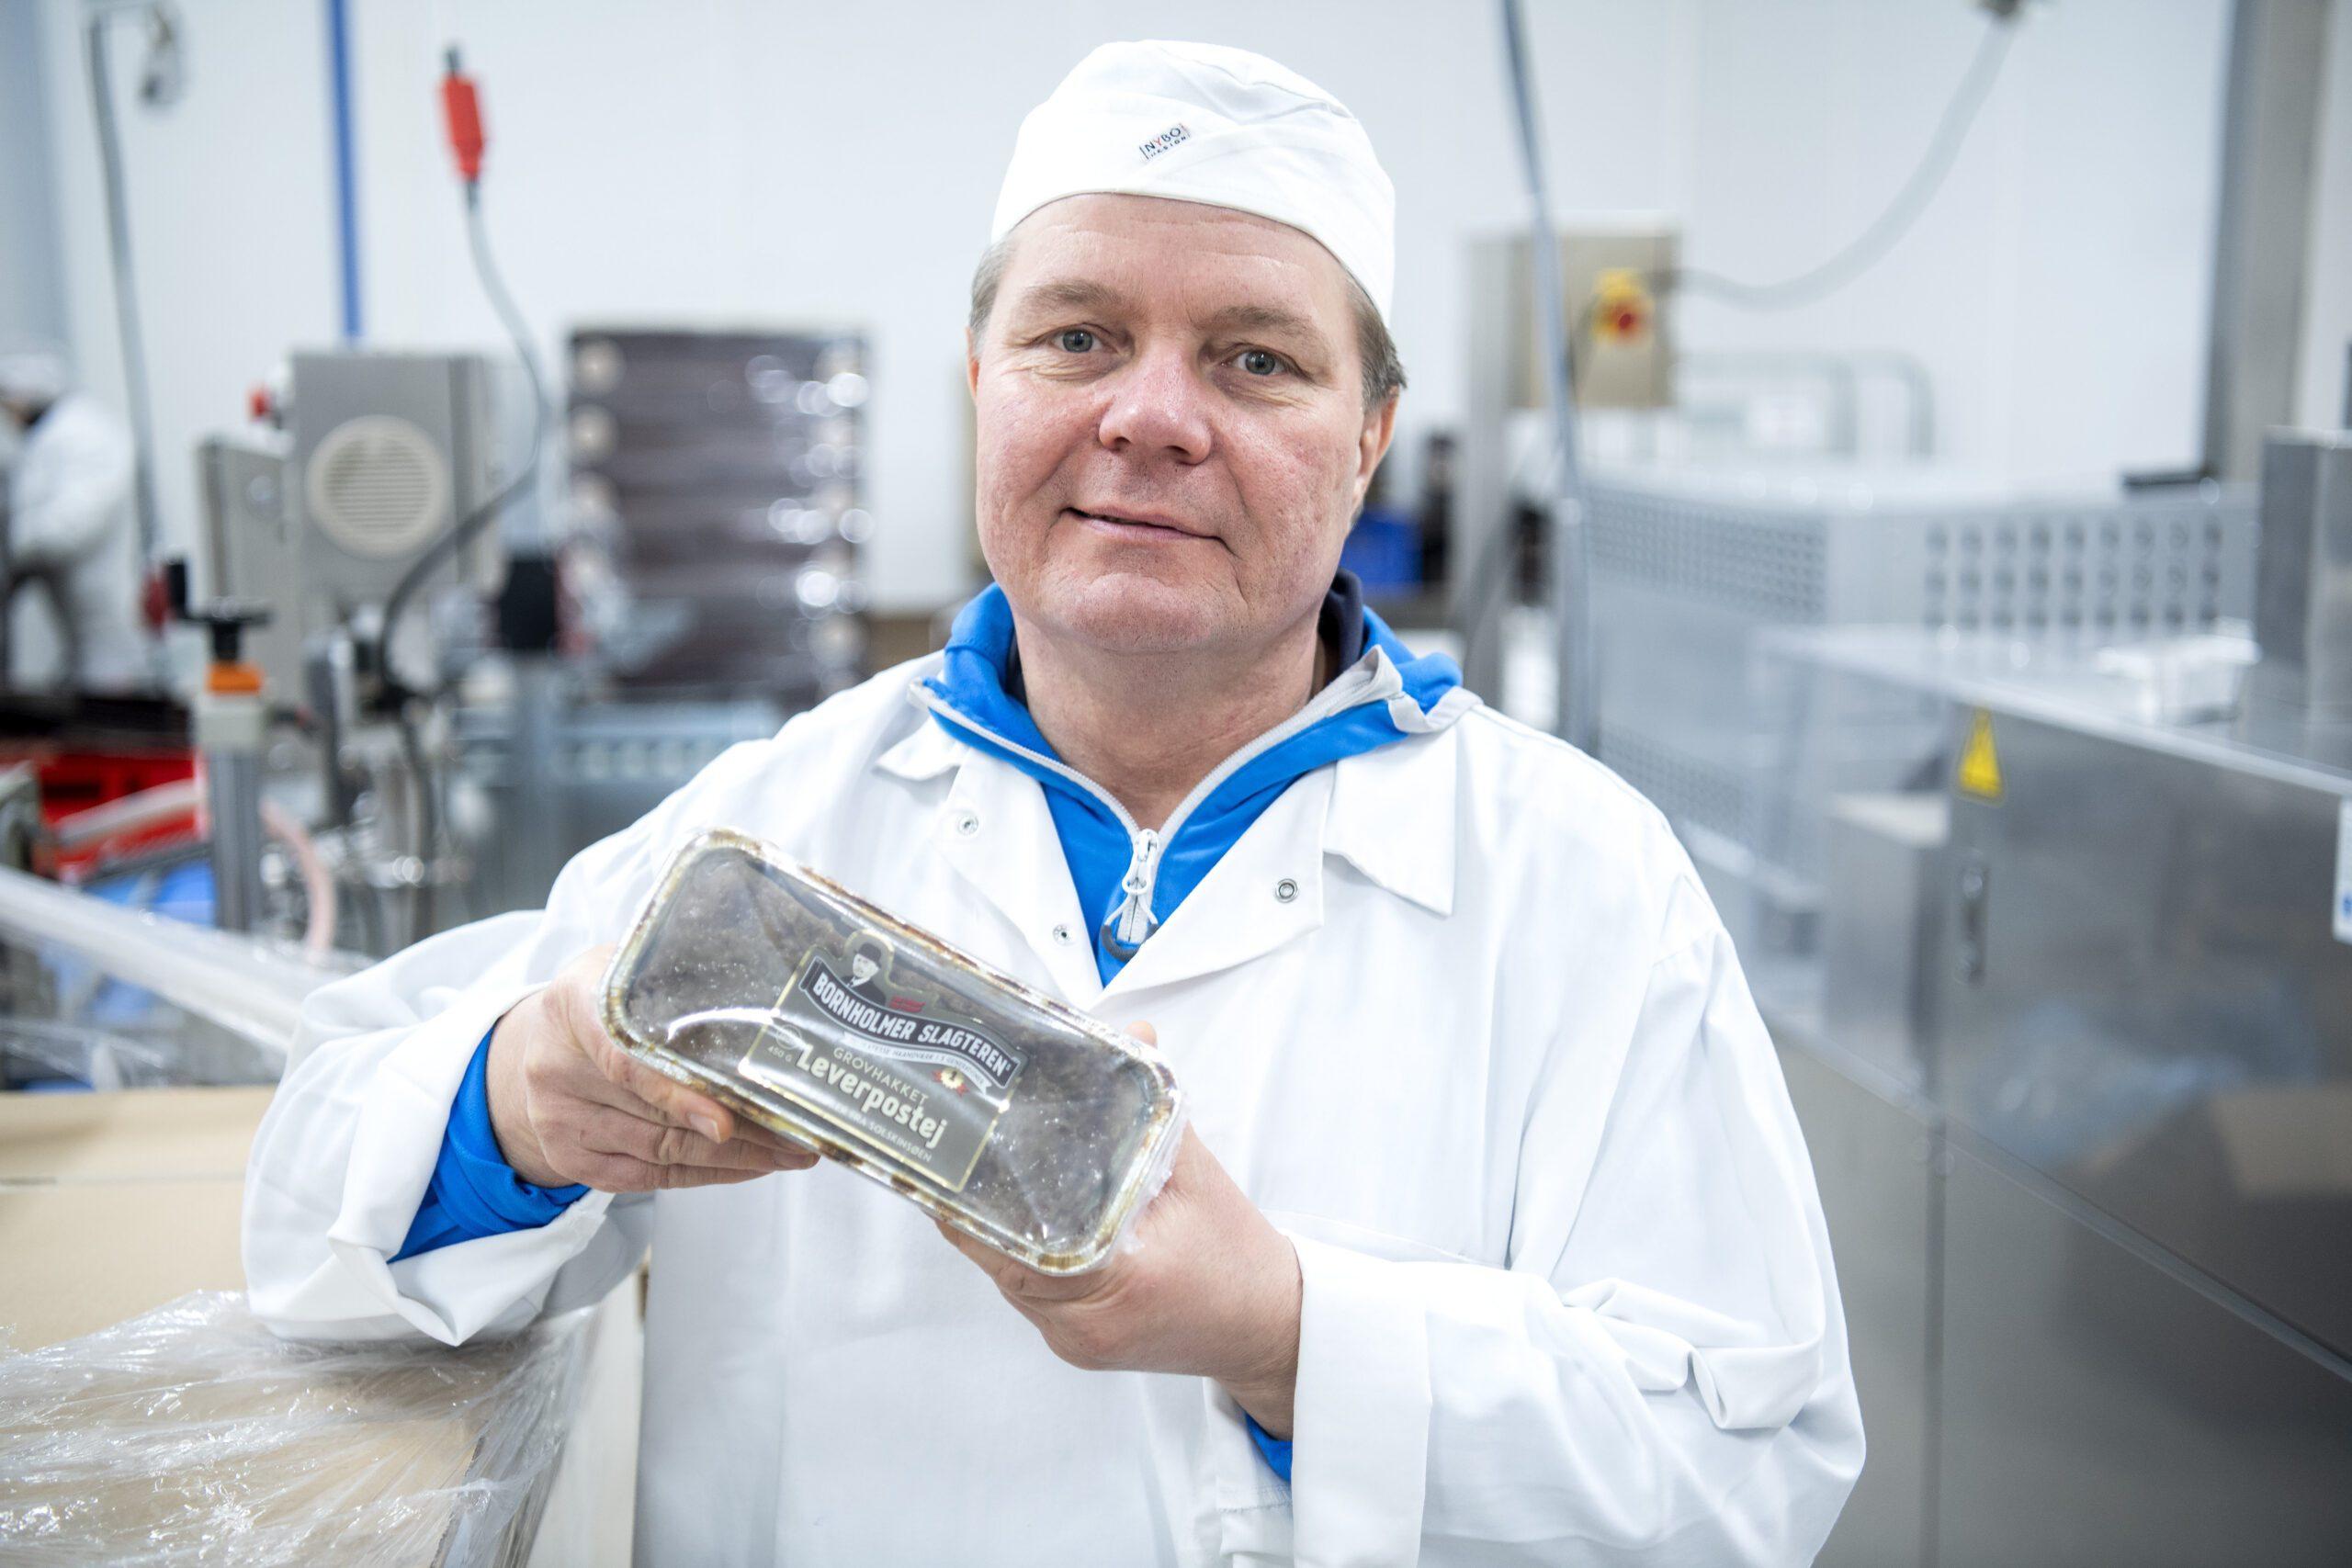 Det har krævet et langt forarbejde og en investering i produktionen at lande den store ordre for  Bornhomerslagteren. Arkivfoto: Berit Hvassum